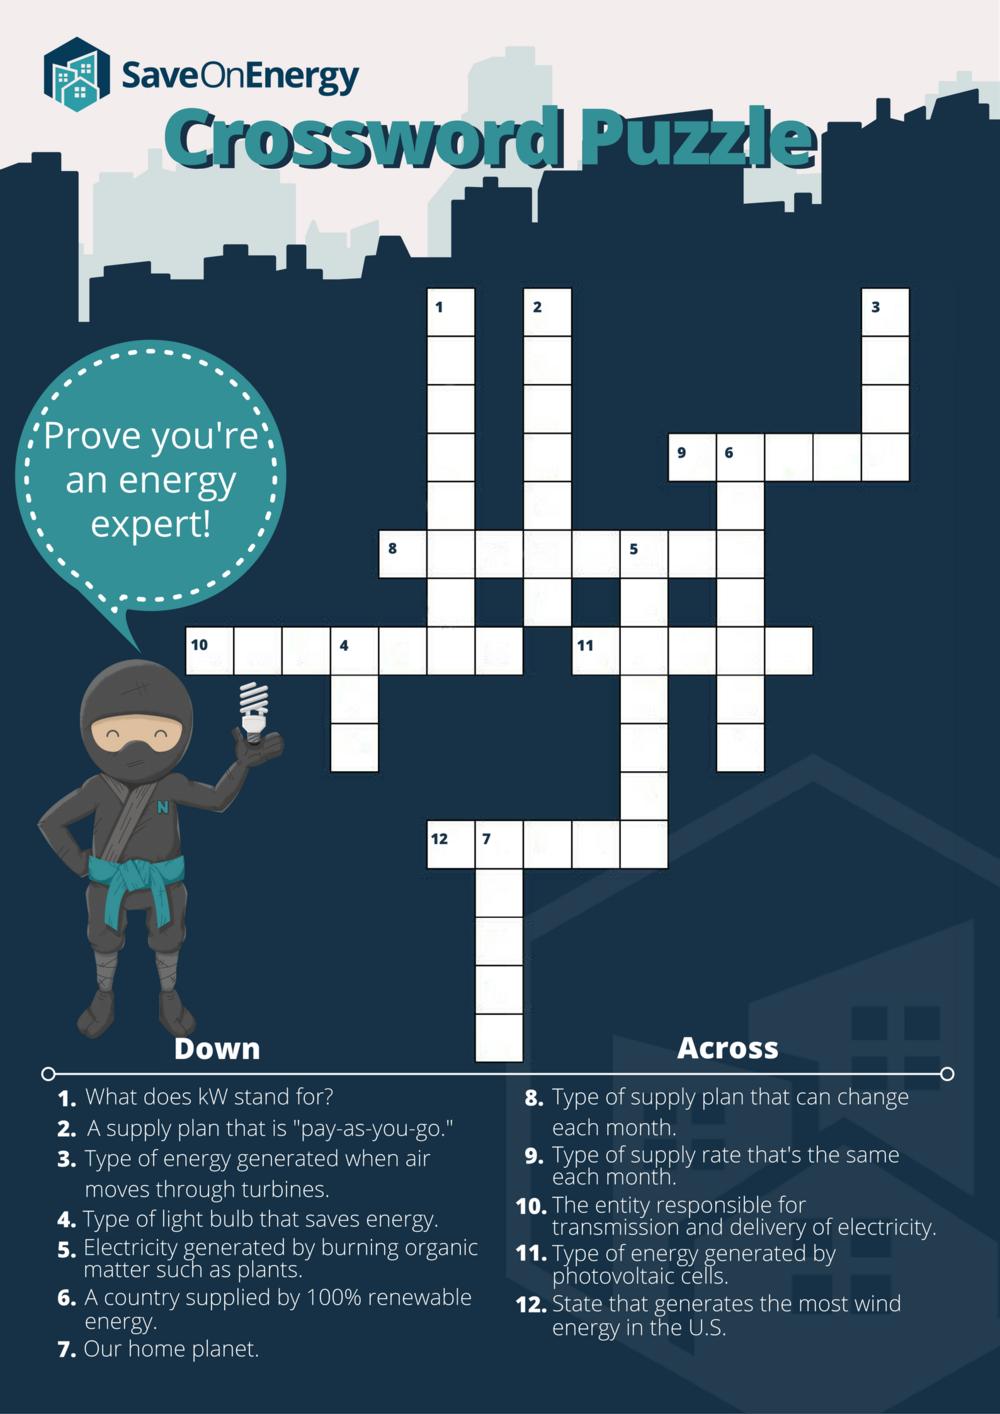 SaveOnEnergy.com Crossword Puzzle